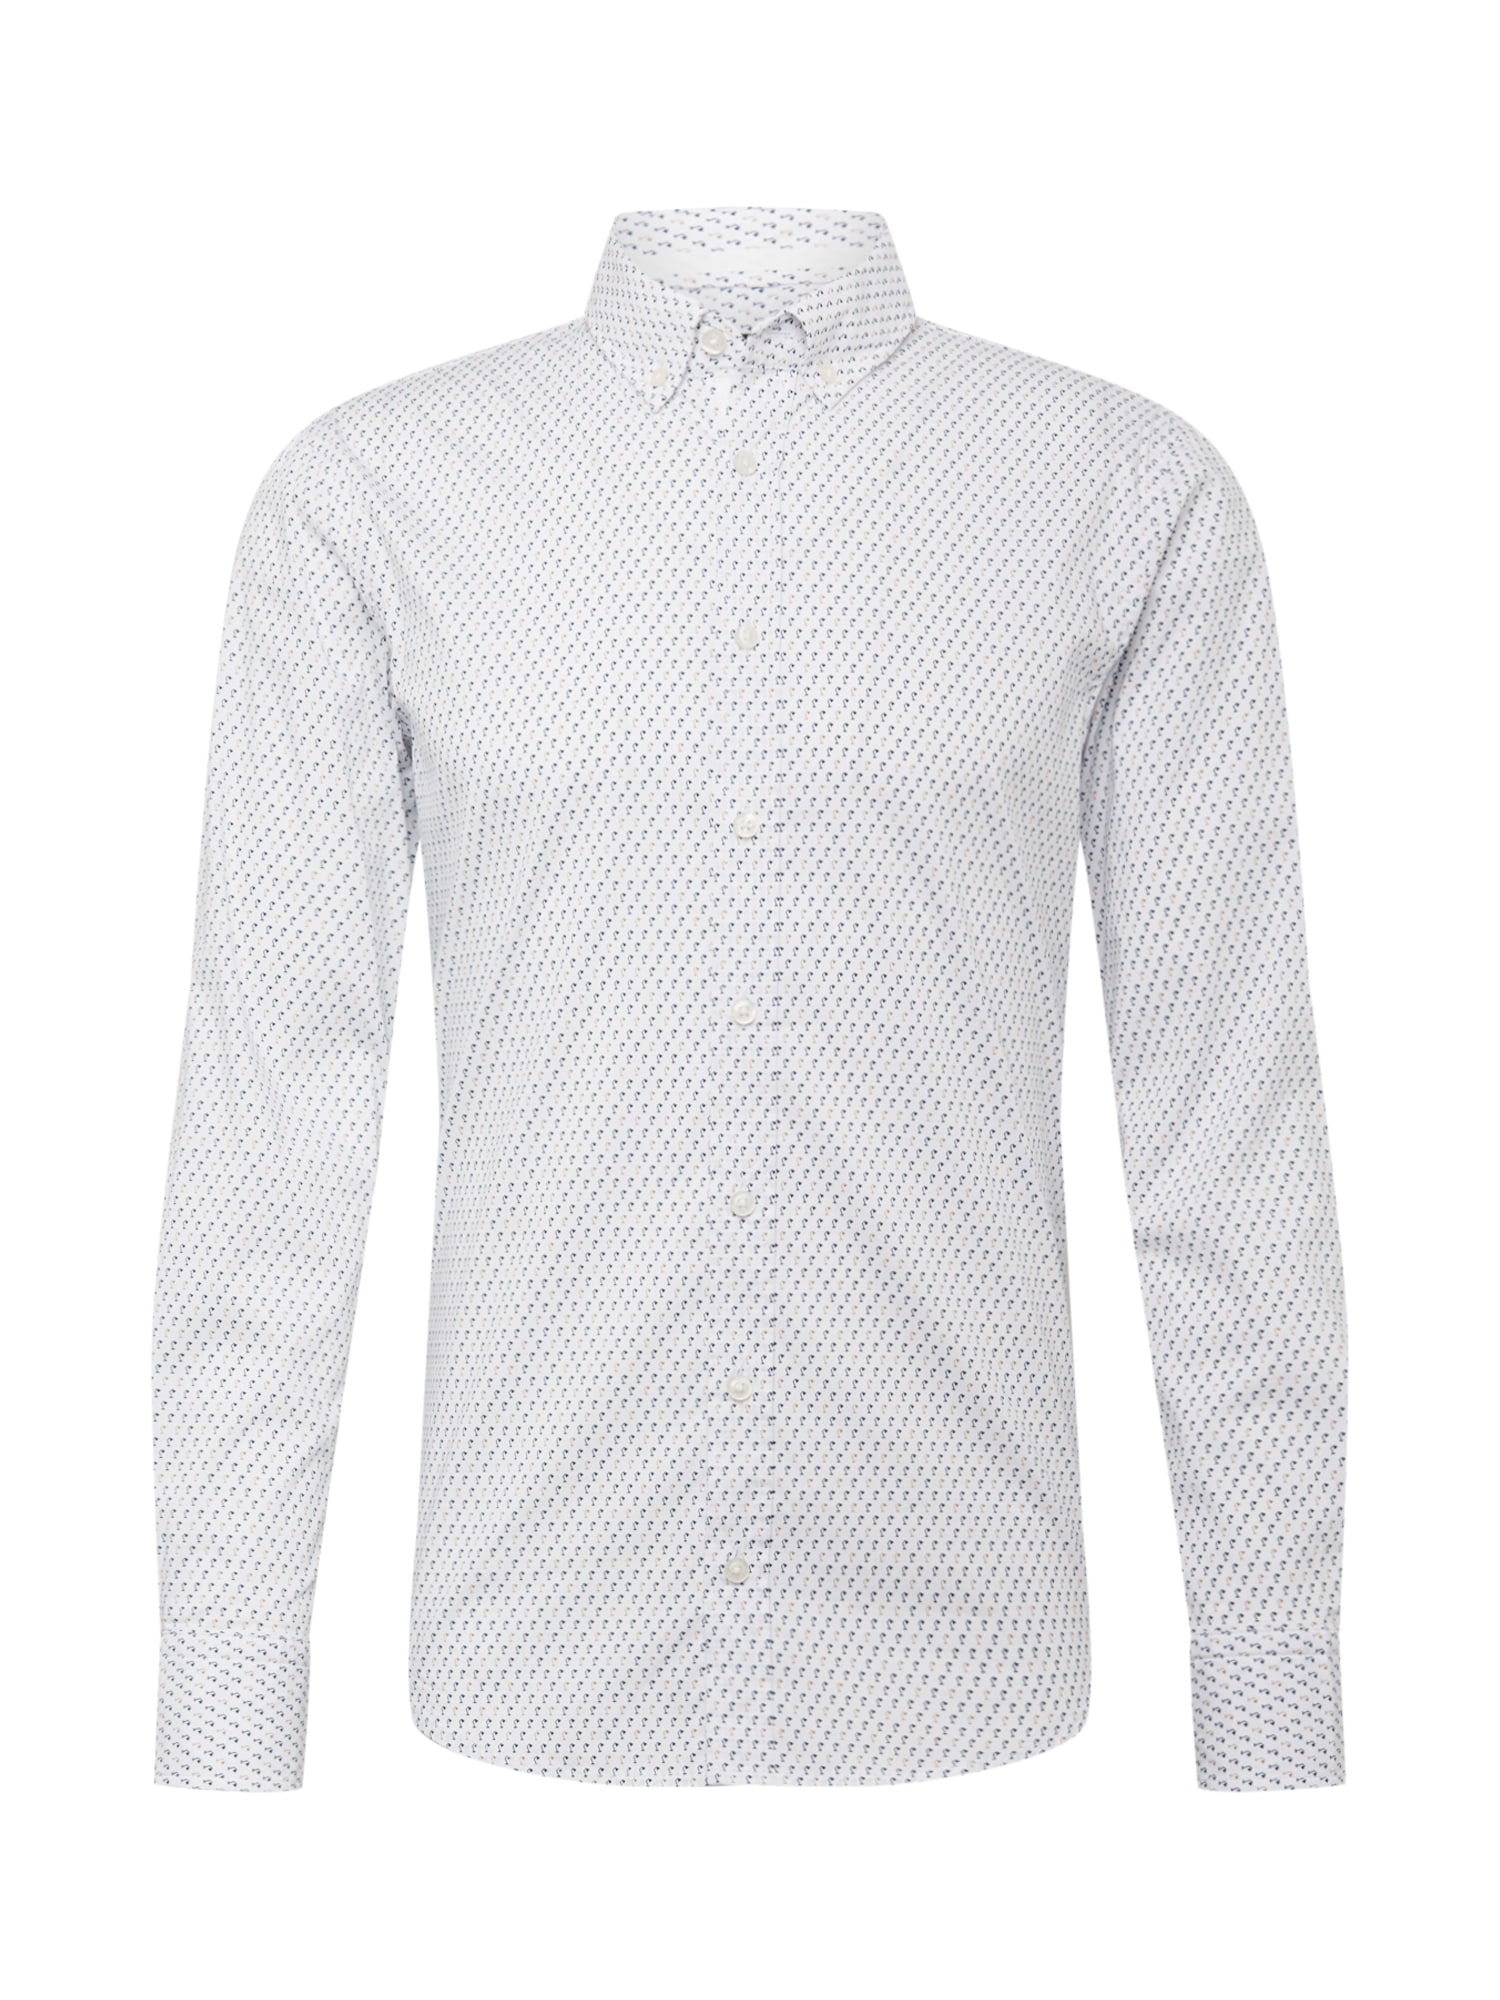 Společenská košile Mabsoot 10218772 01 bílá BOSS